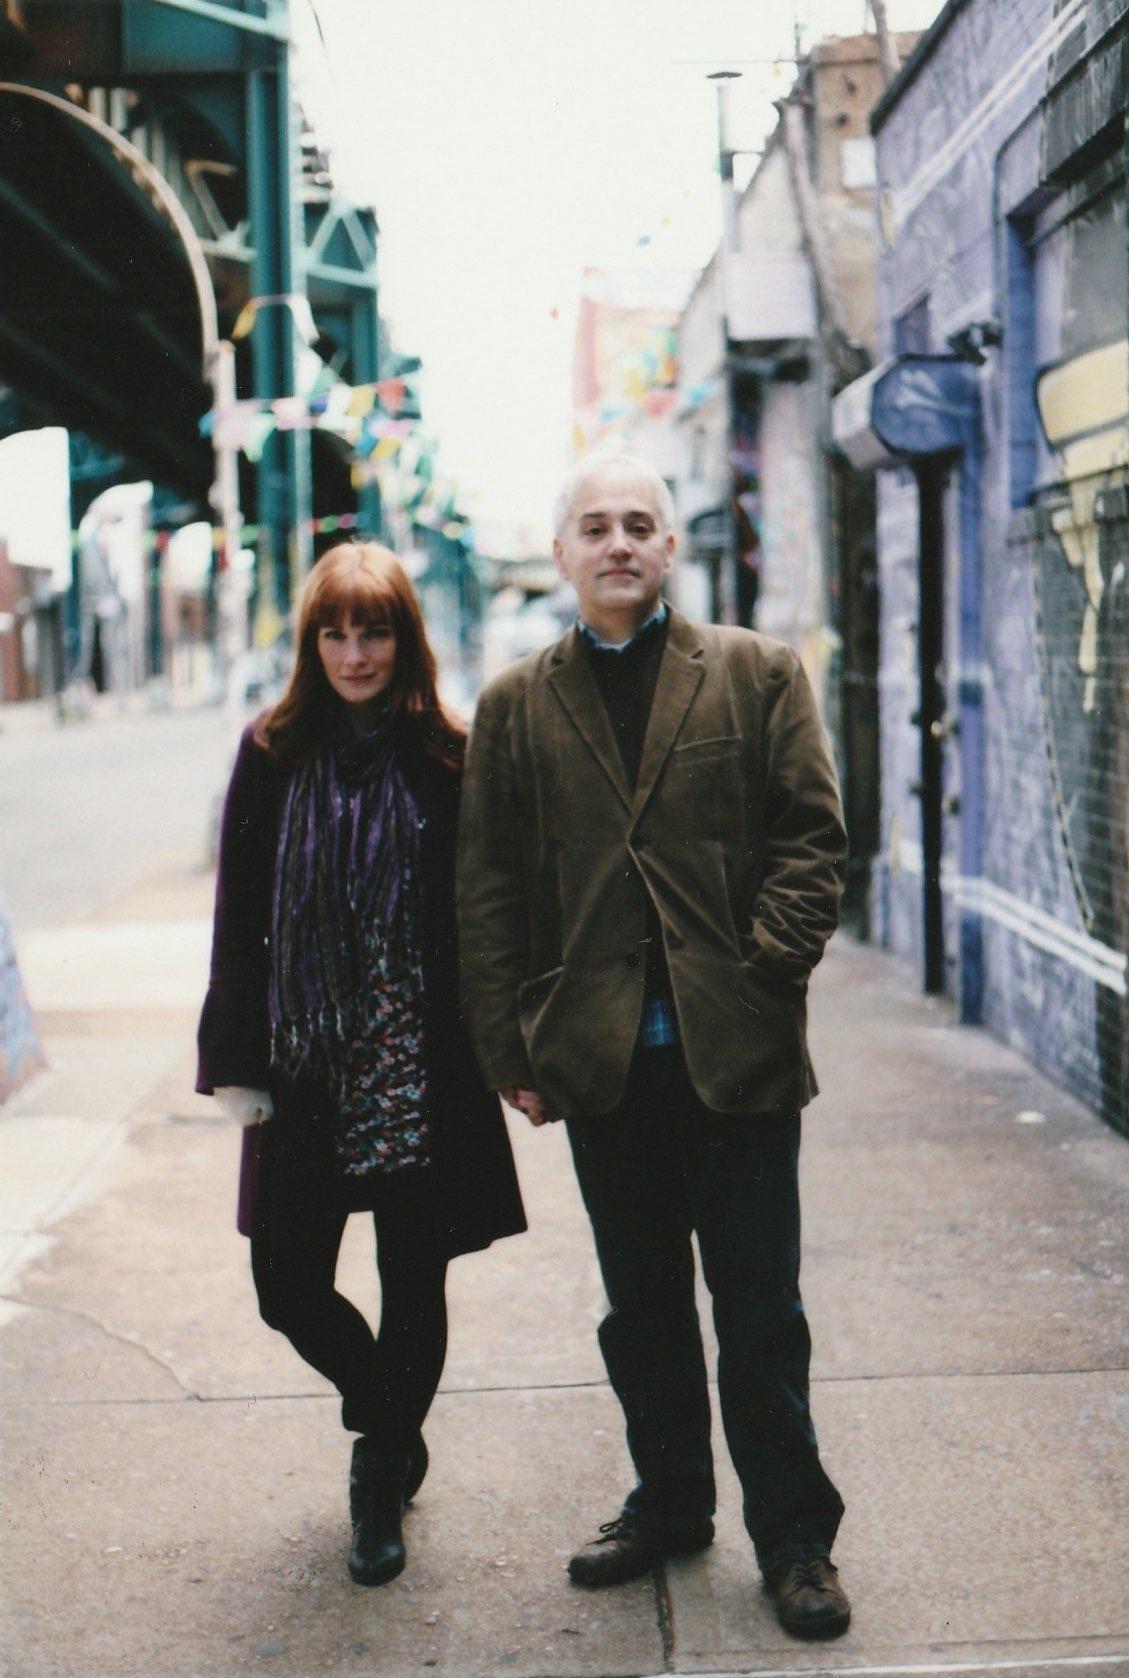 photo by Megan Joplin  meganjoplin.com